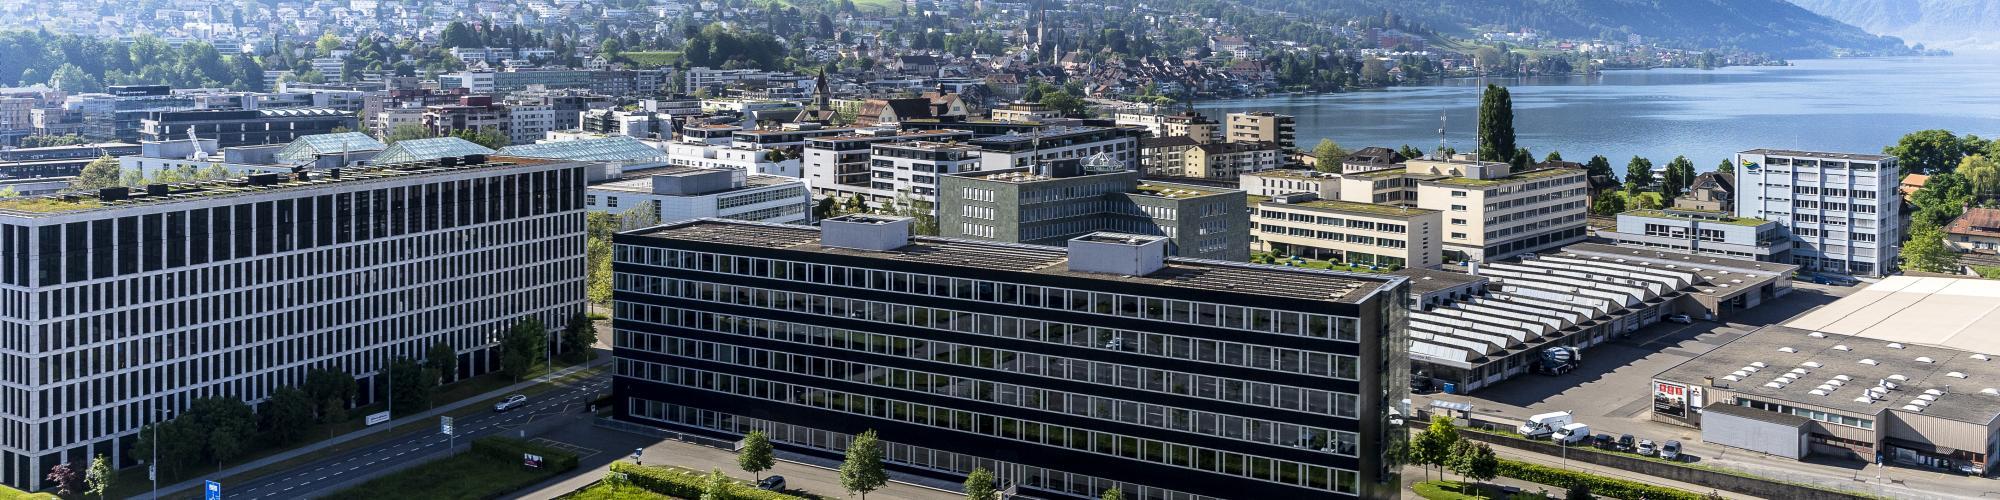 Kantonale Verwaltung Zug